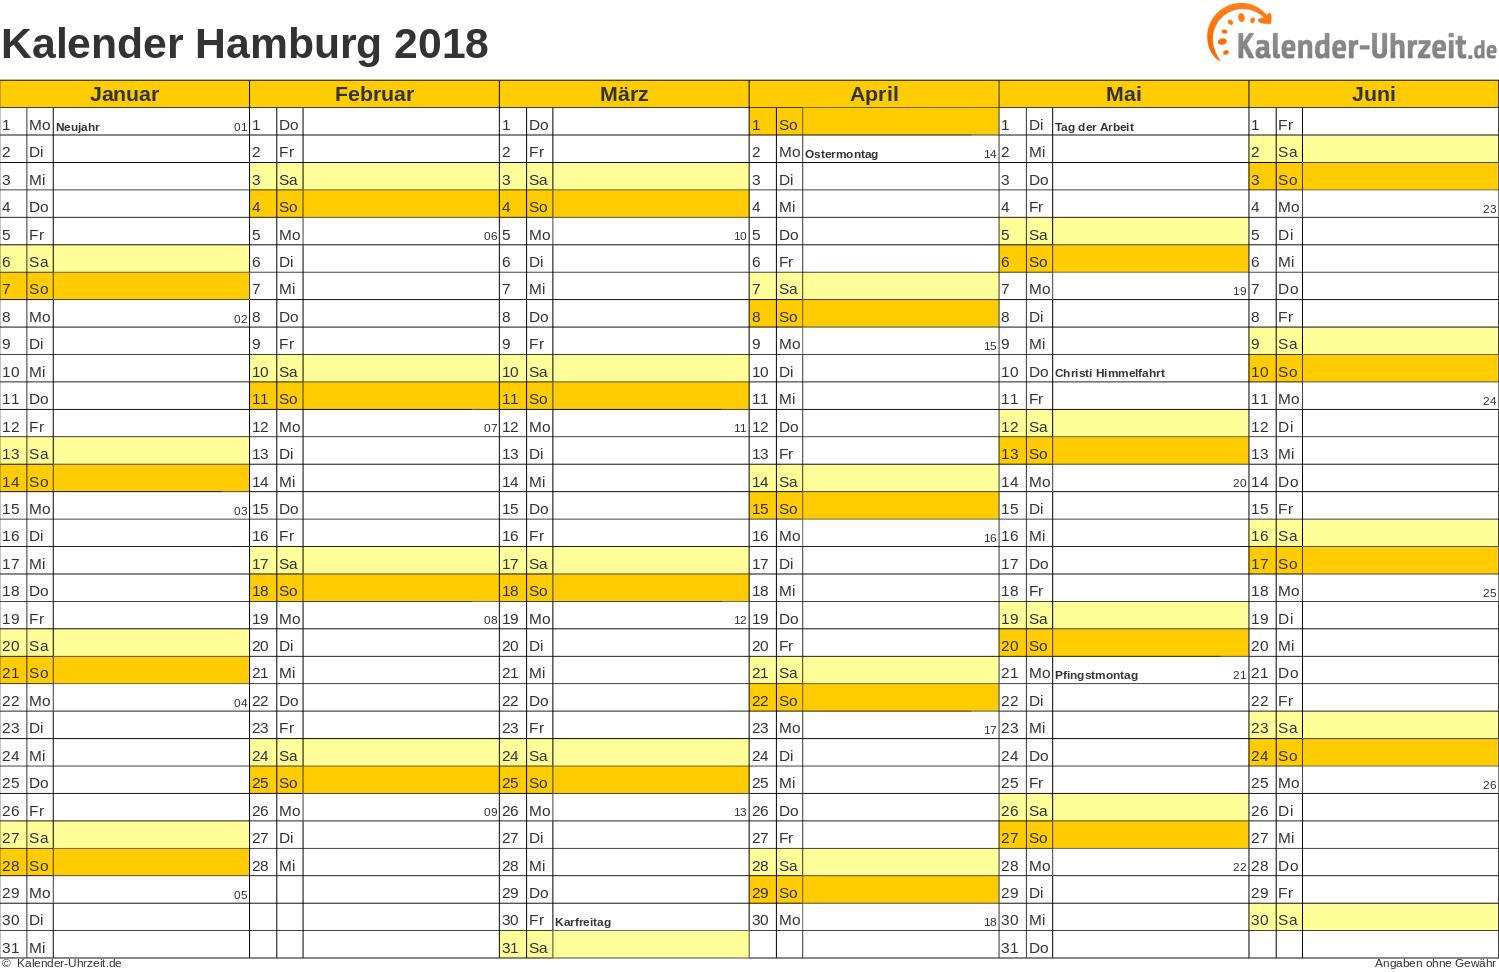 Hamburg Kalender 2018 mit Feiertagen - quer-zweiseitig